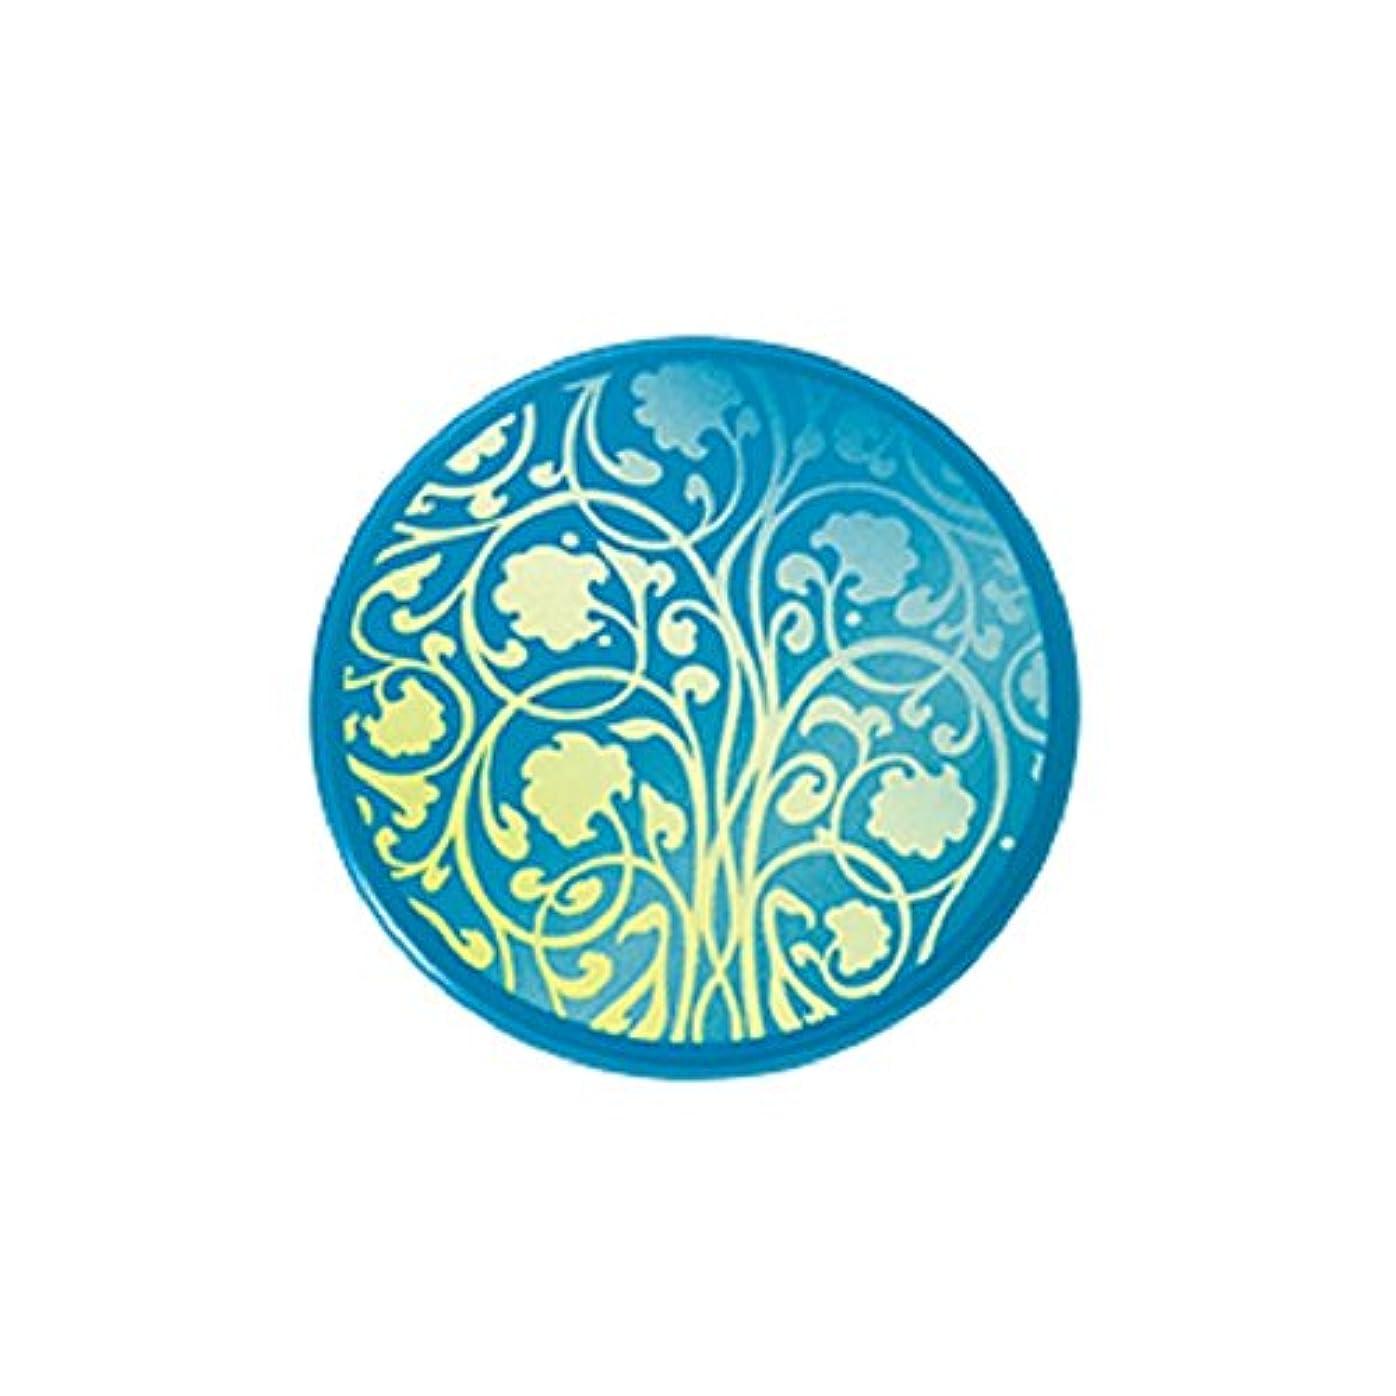 位置するセント気球アユーラ (AYURA) ウェルフィット アロマバーム 14g 〈ソリッドパヒューム〉 心地よい森林の香気